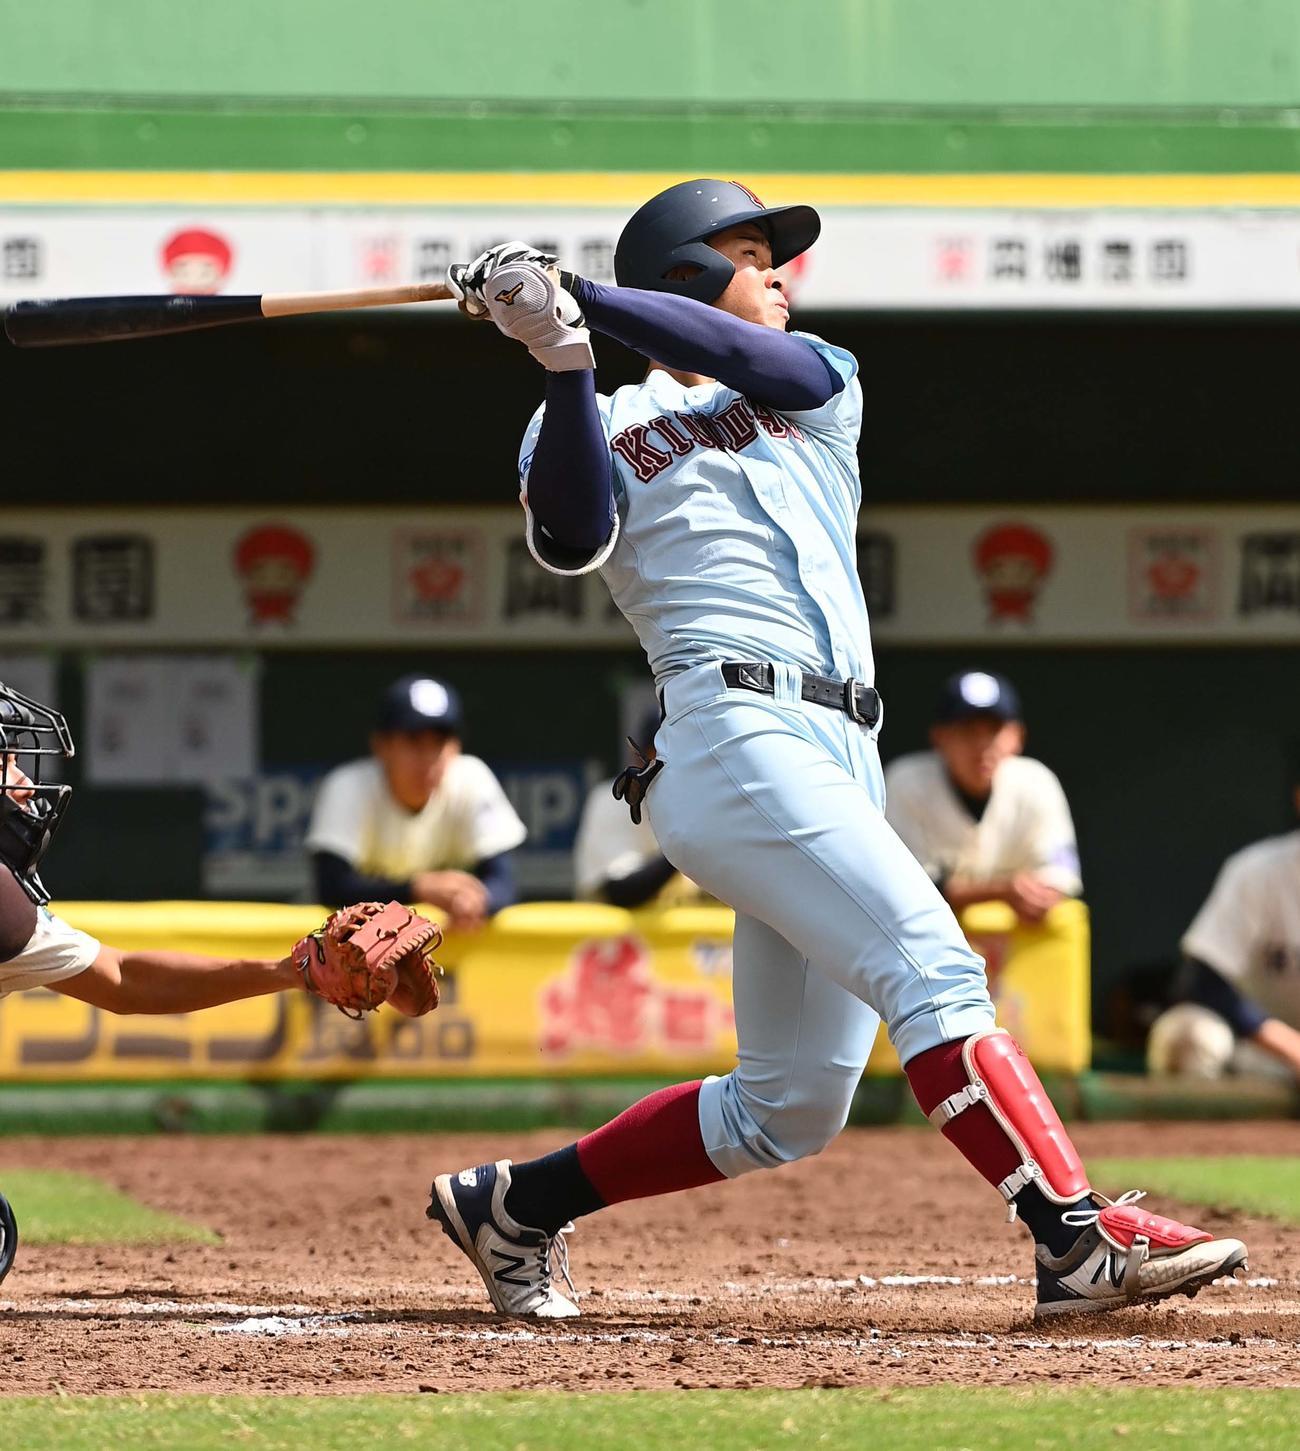 京大対近大 7回裏近大1死、左越え三塁打を放つ近大・佐藤(撮影・上田博志)